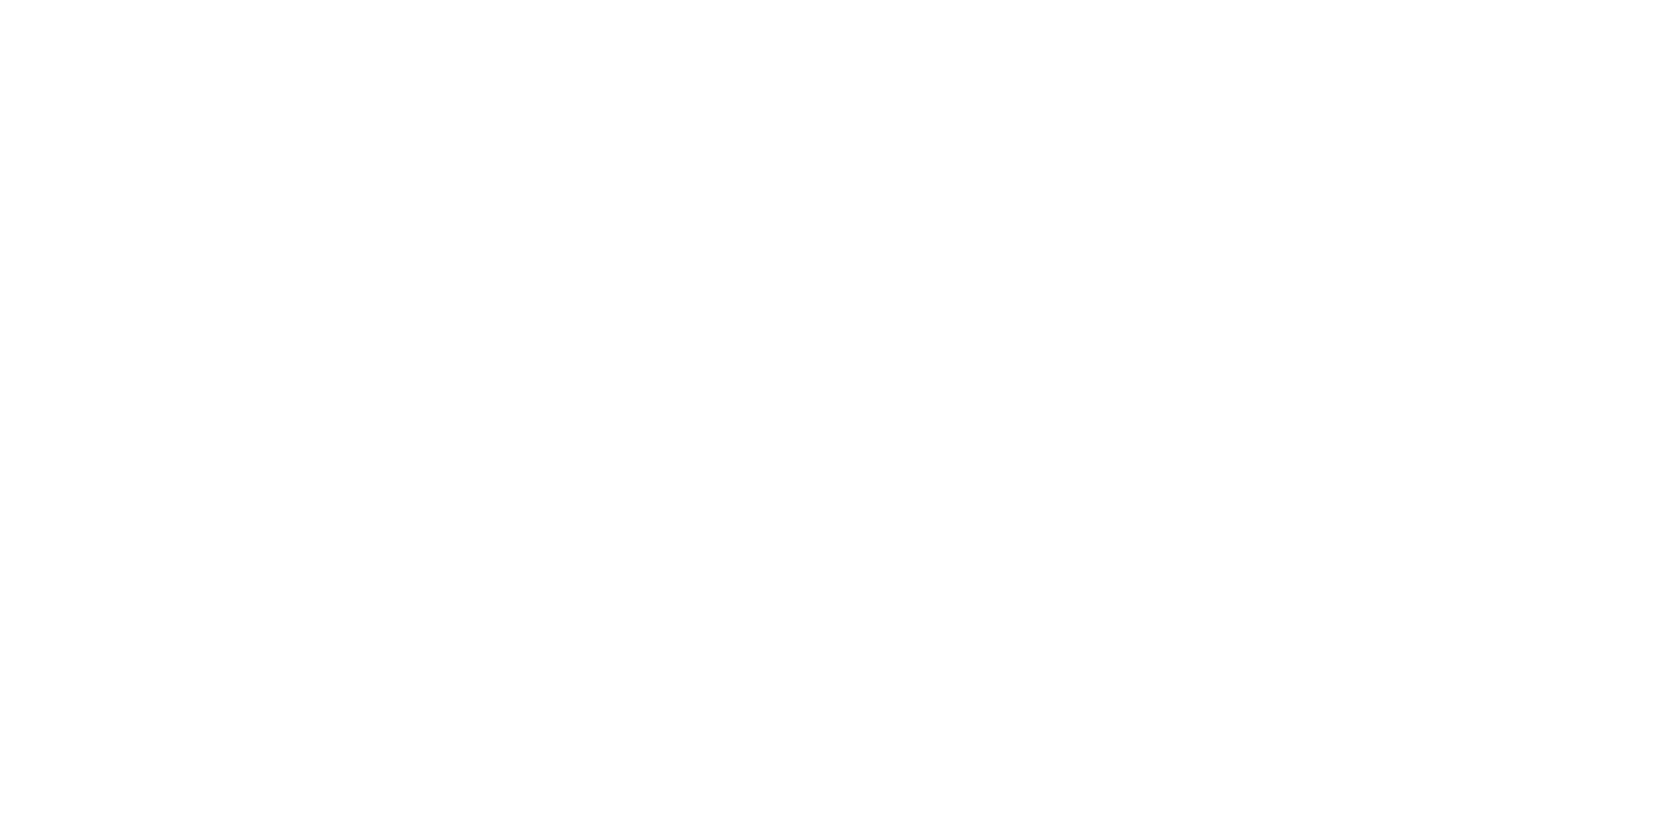 Client_logos_white-04